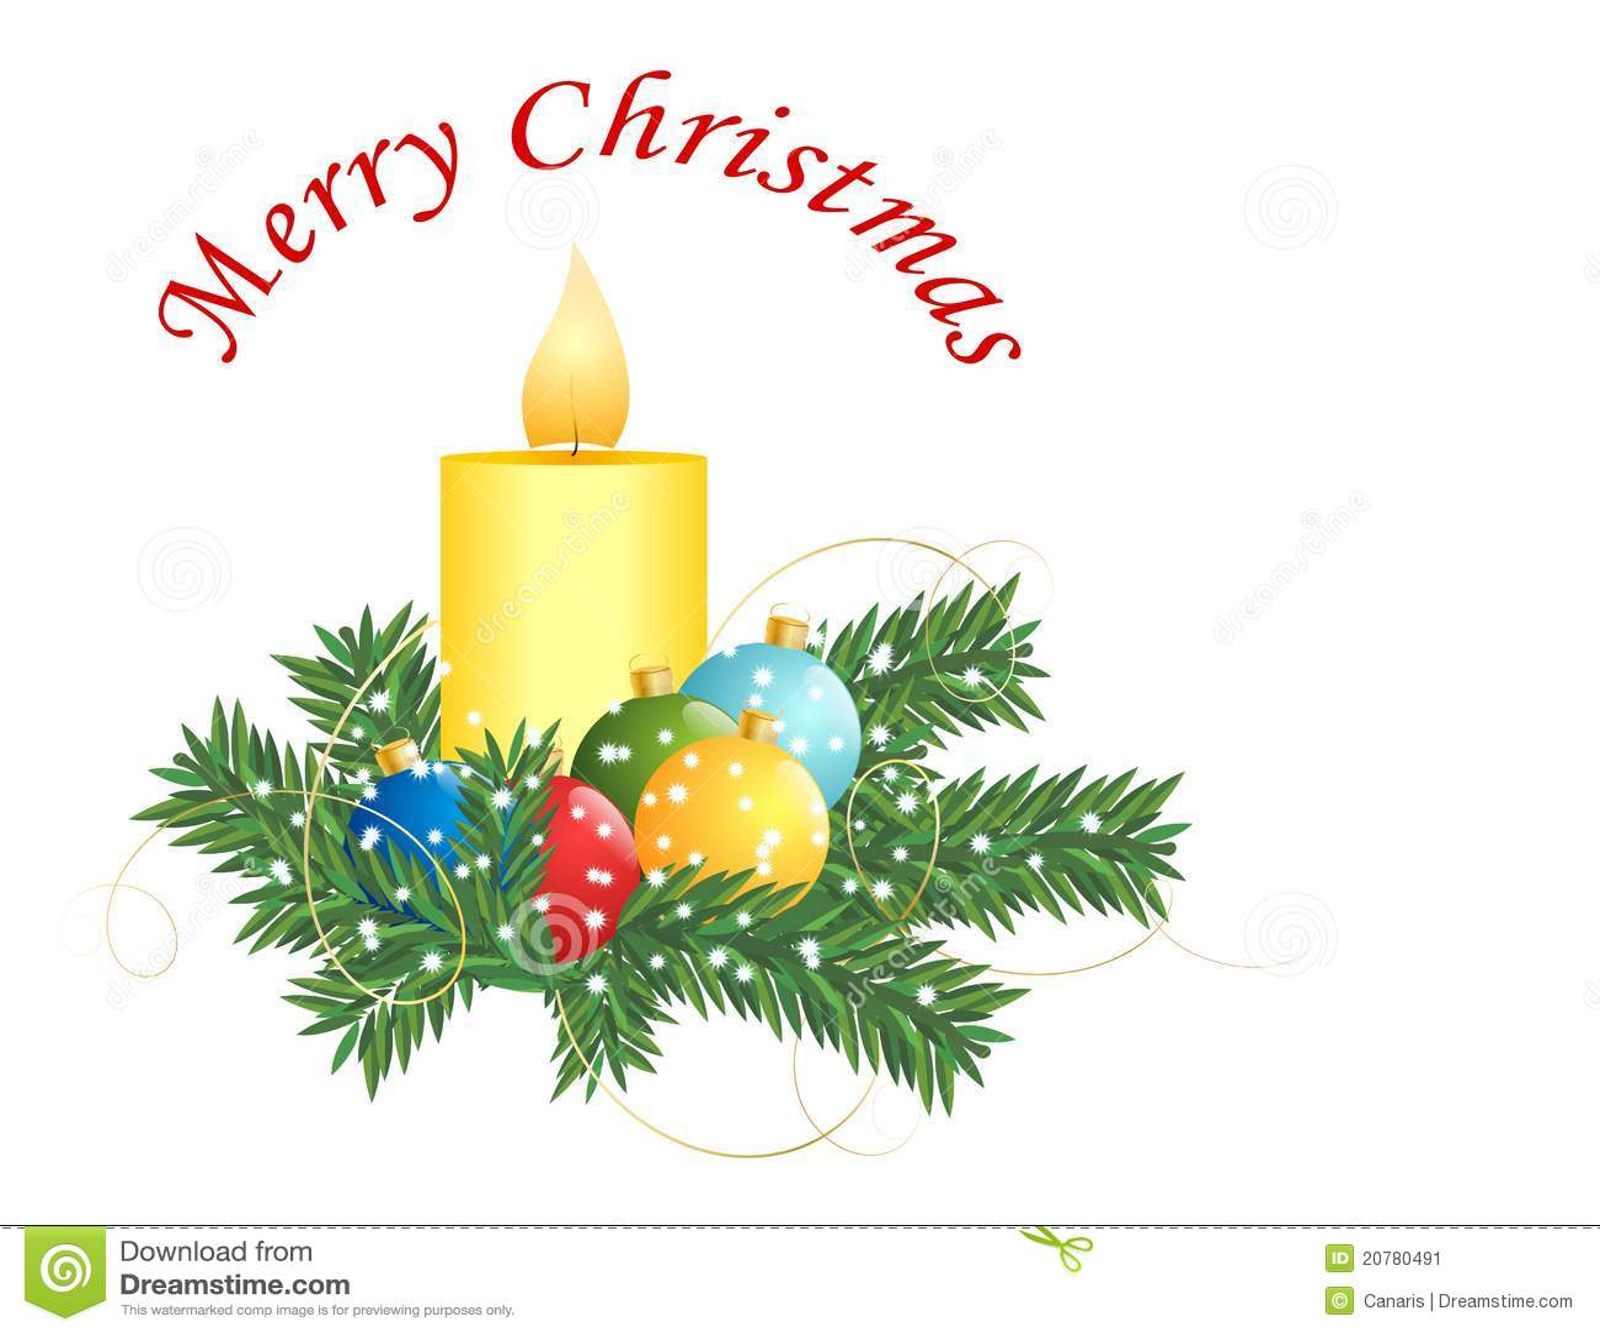 Immagini Piccole Di Natale.Immagini Di Natale Piccole Frismarketingadvies